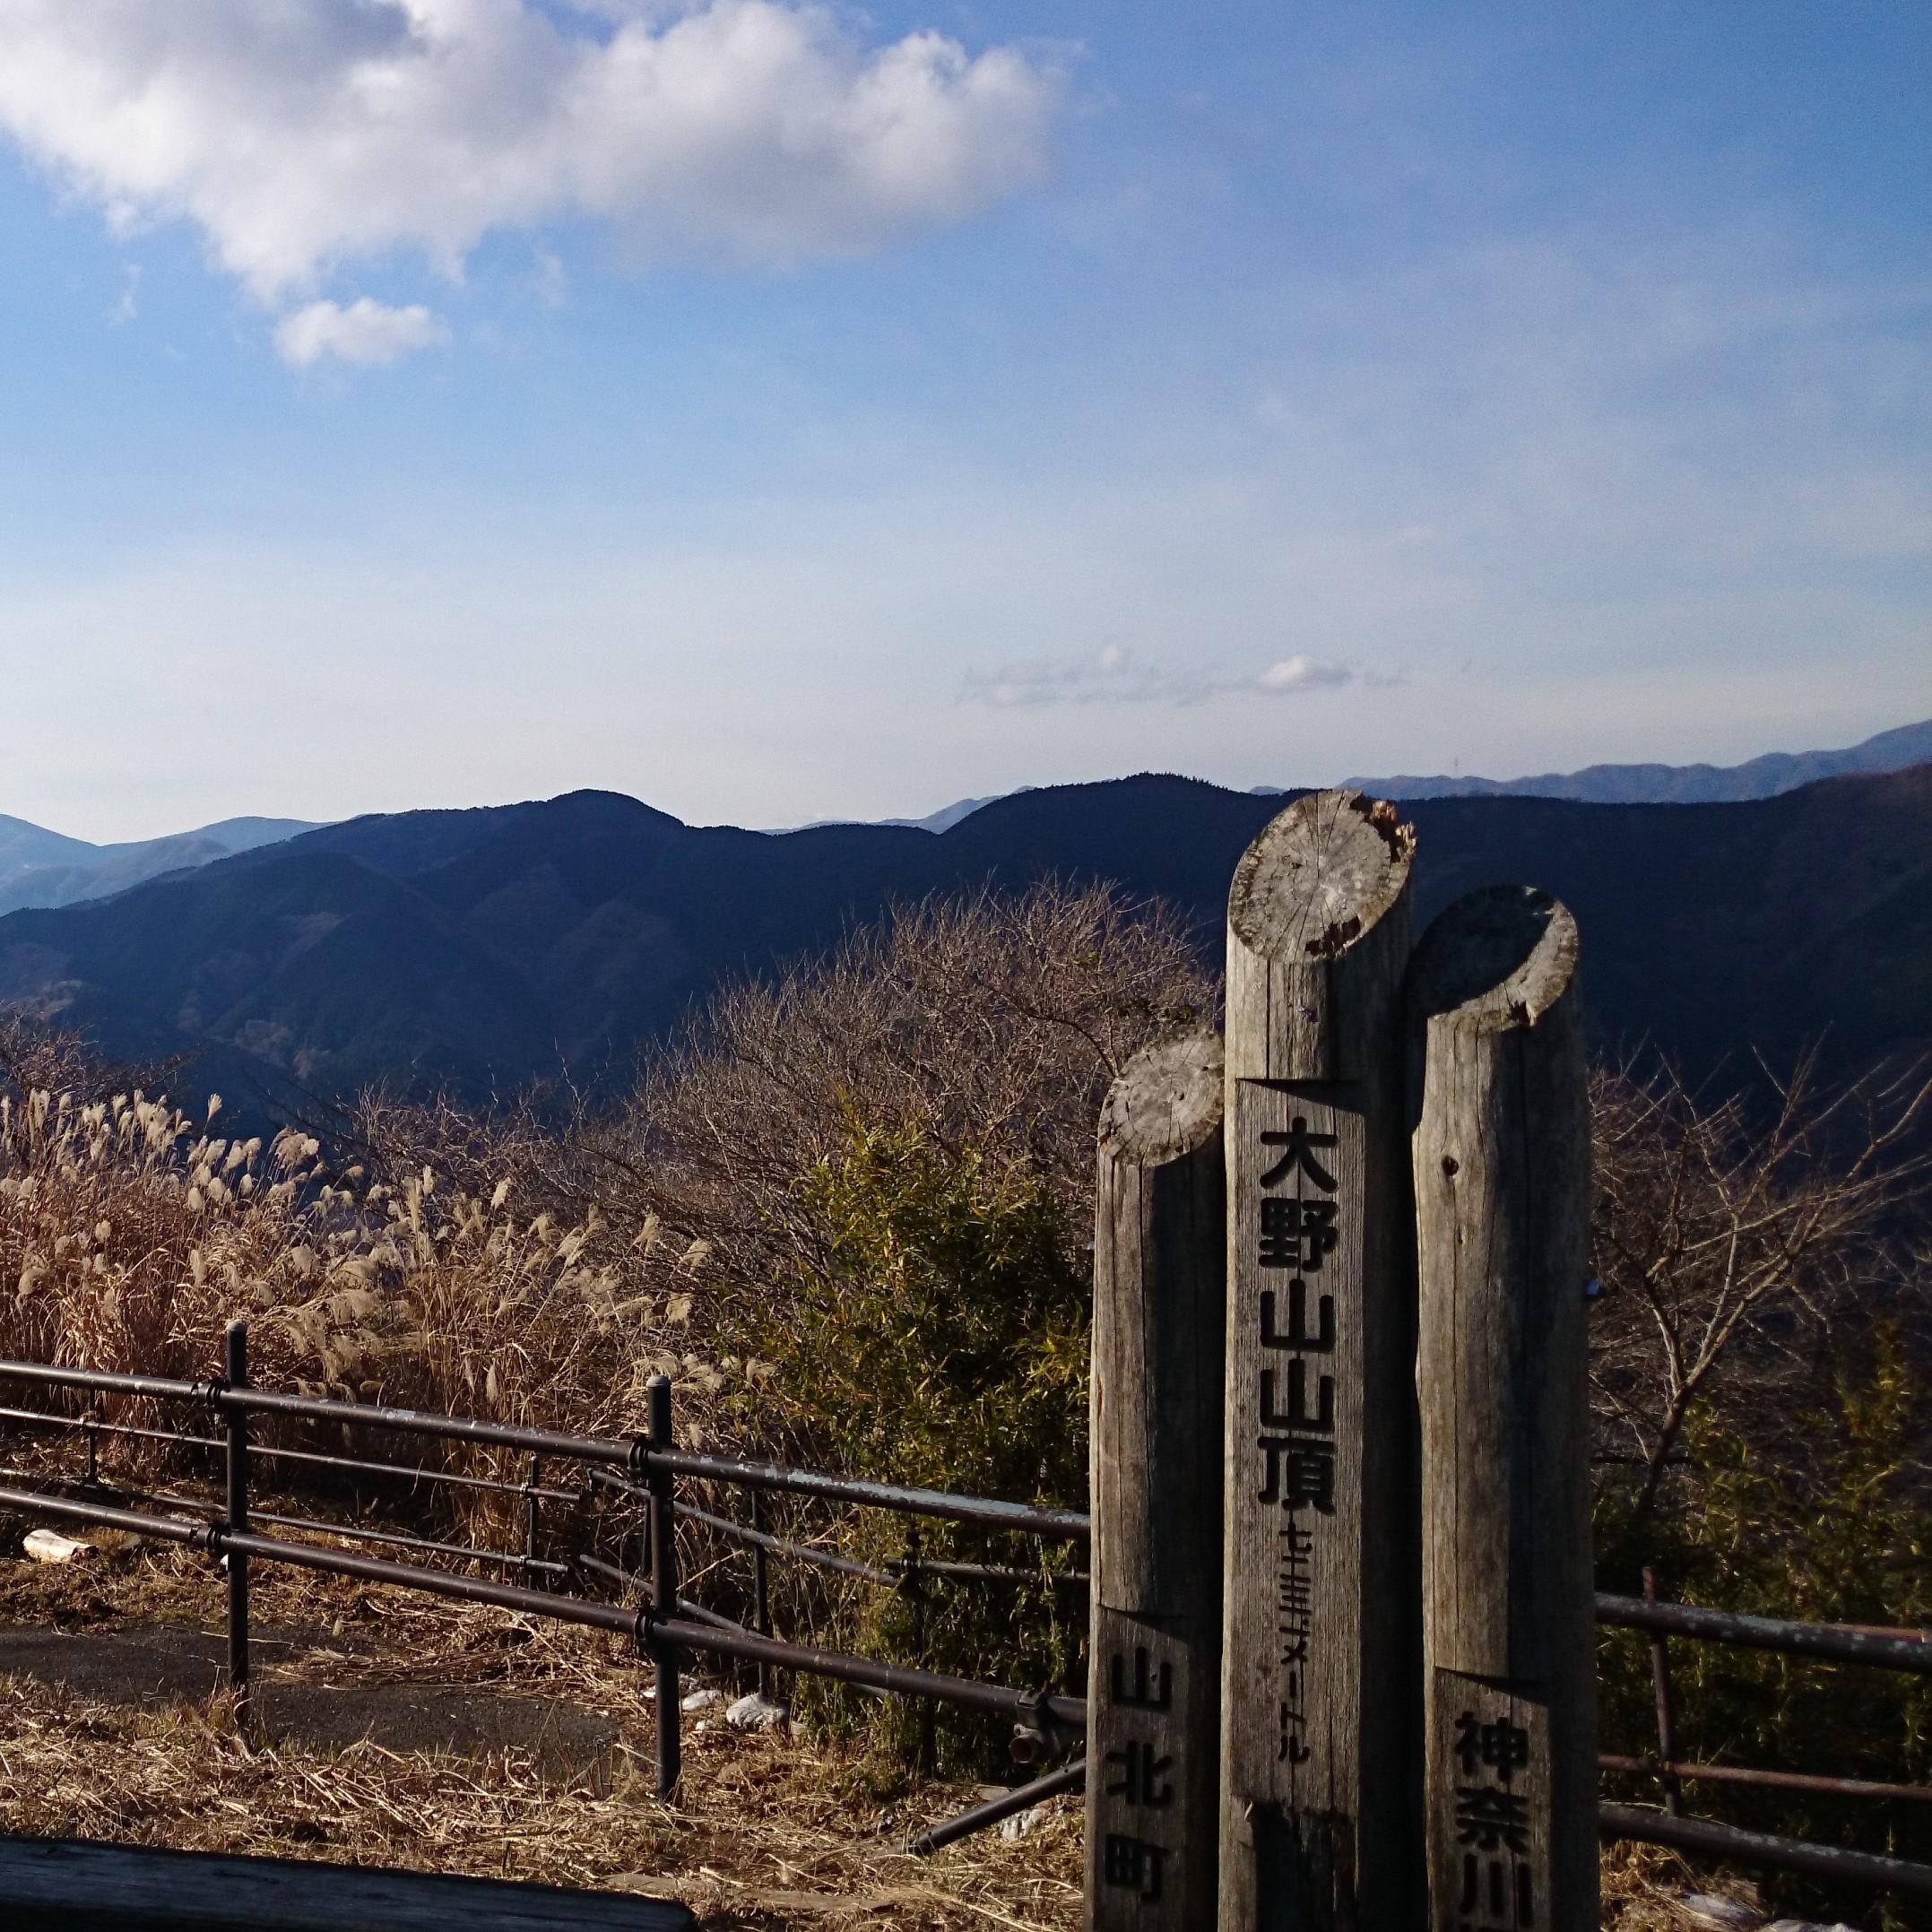 【初心者向け】御殿場線ハイキングコース 大野山